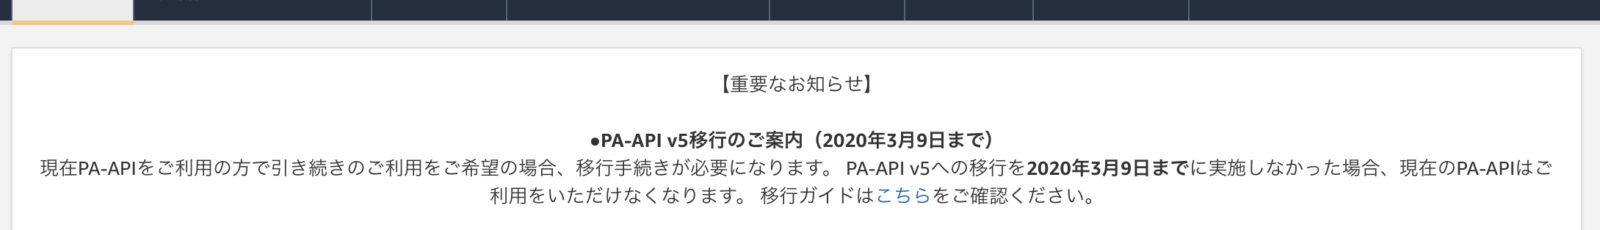 Amazon message pa-api